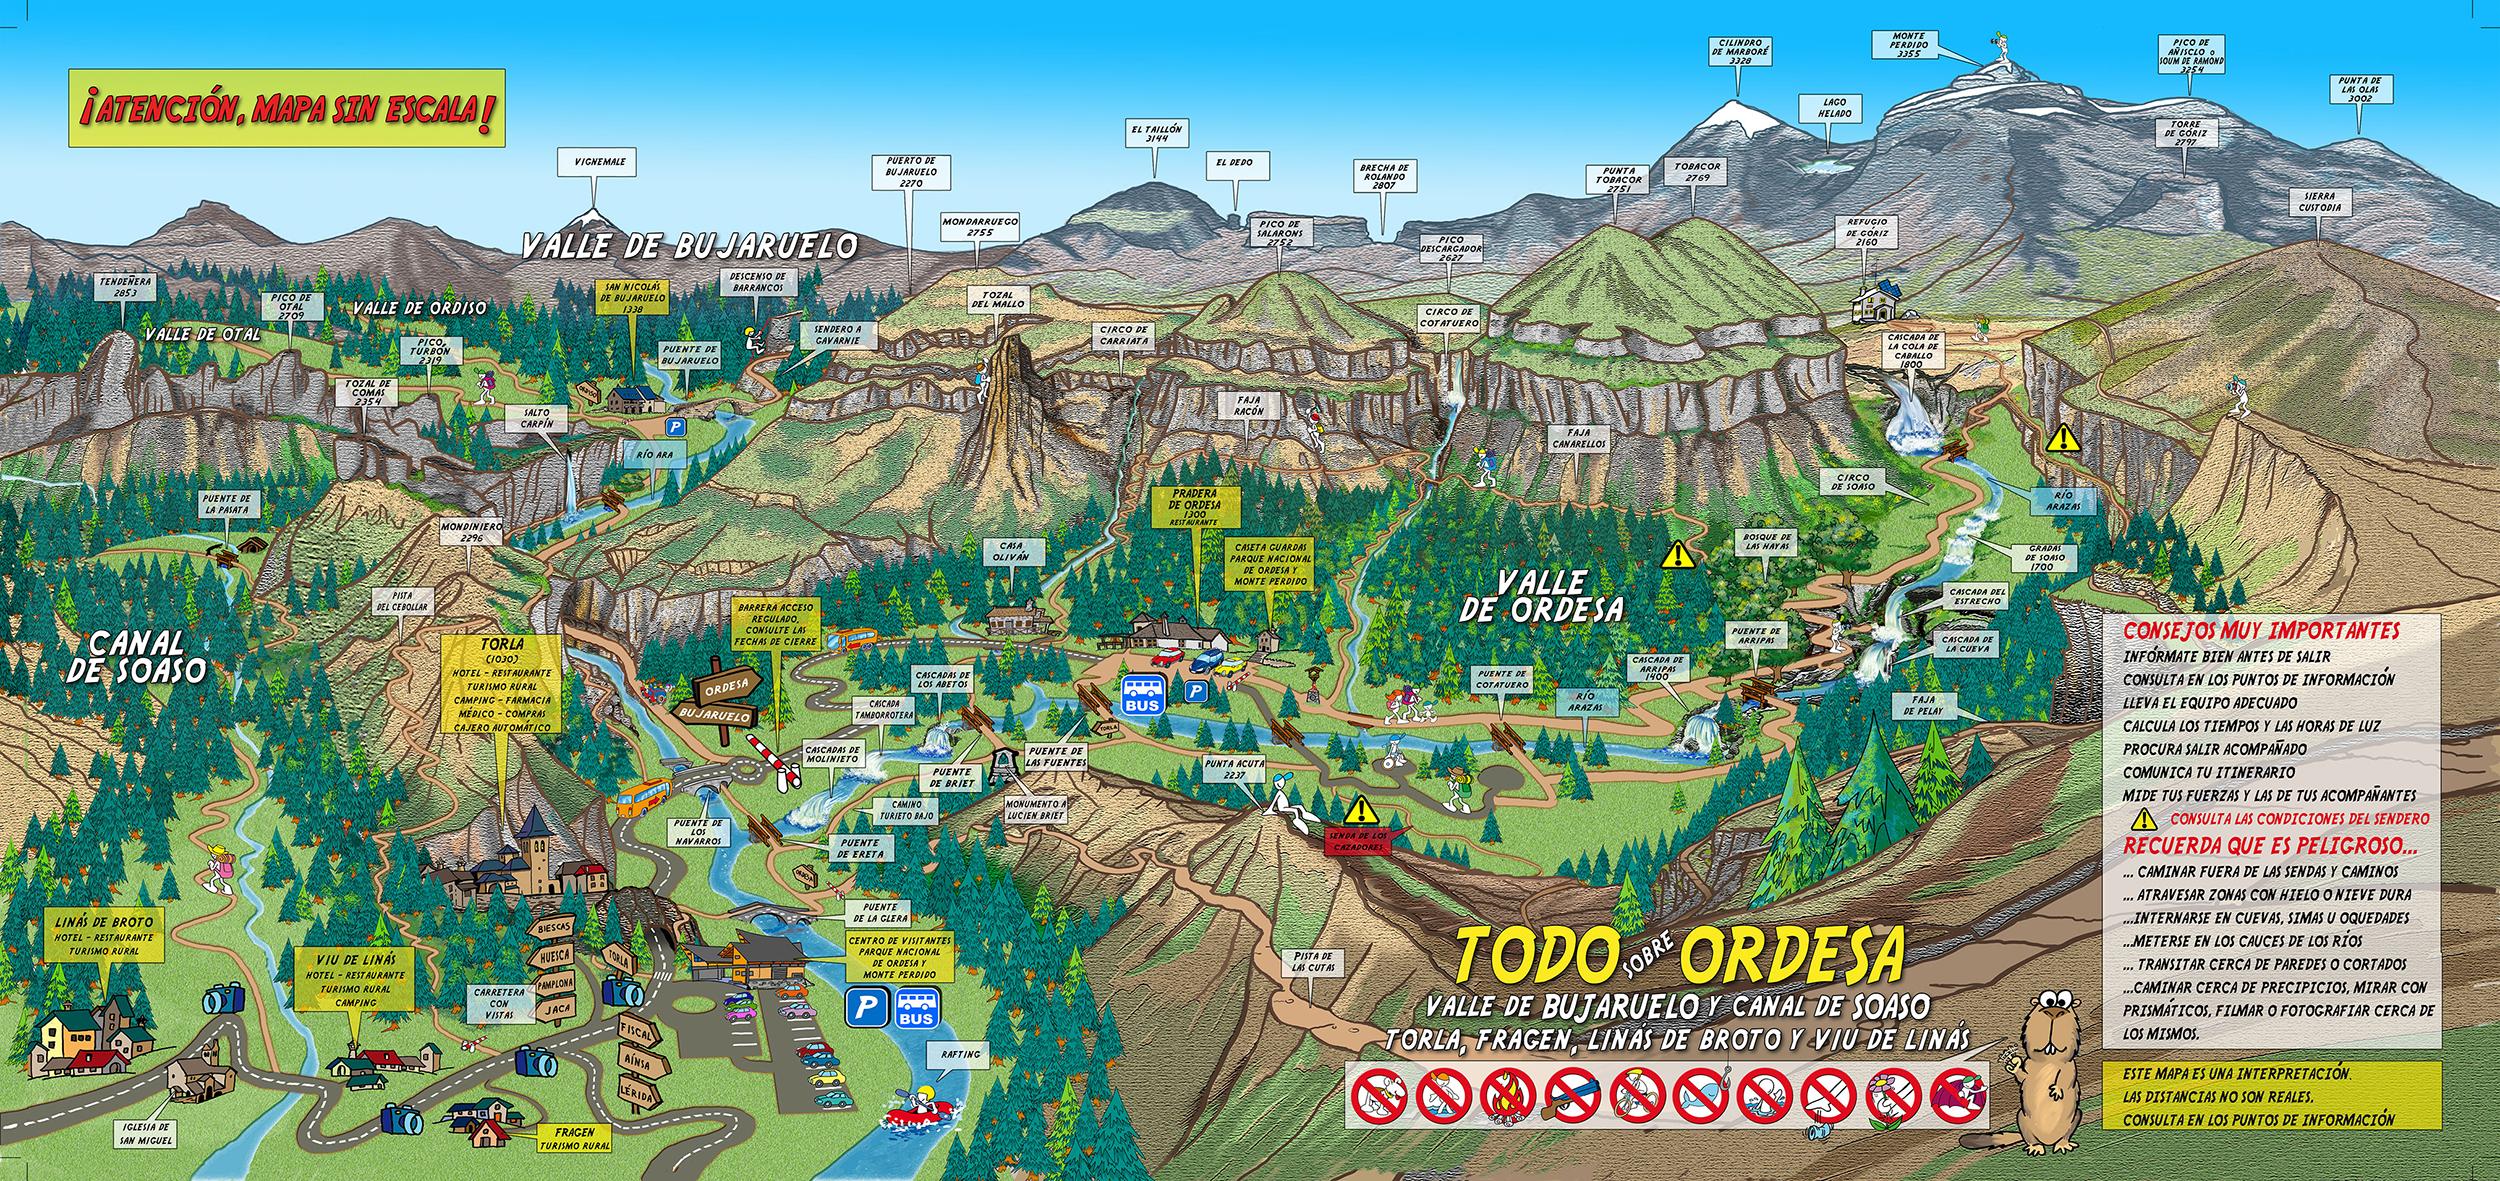 Mapa tur stico interactivo de torla ordesa descargable en for Oficina turismo torla